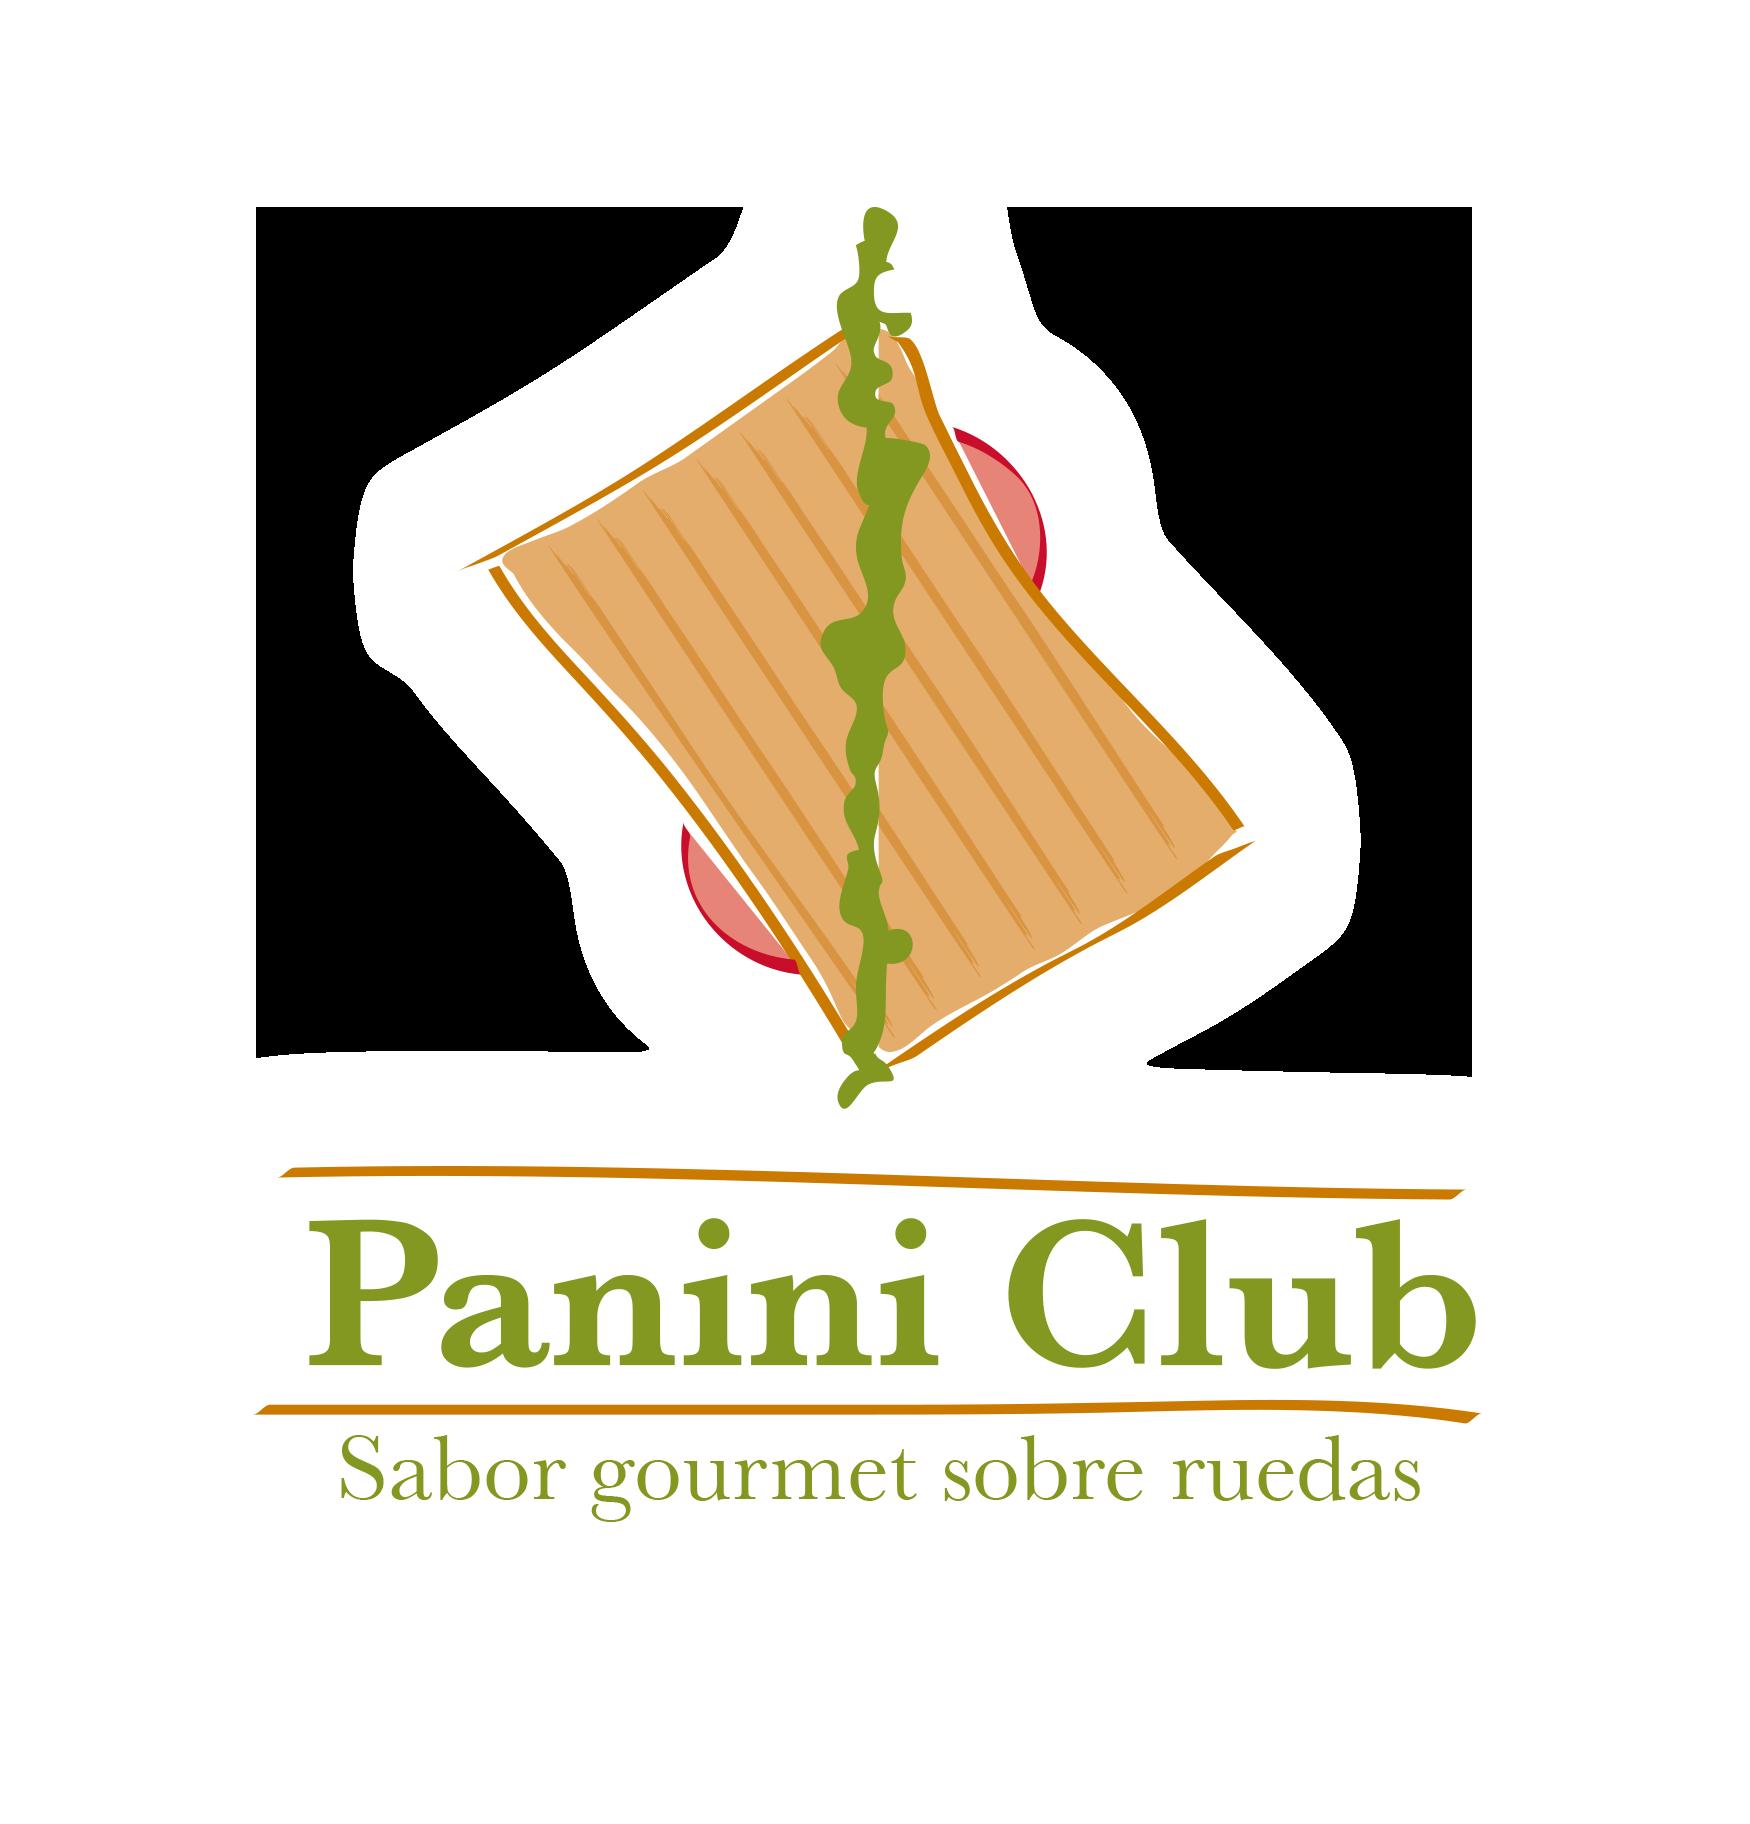 Panini Club